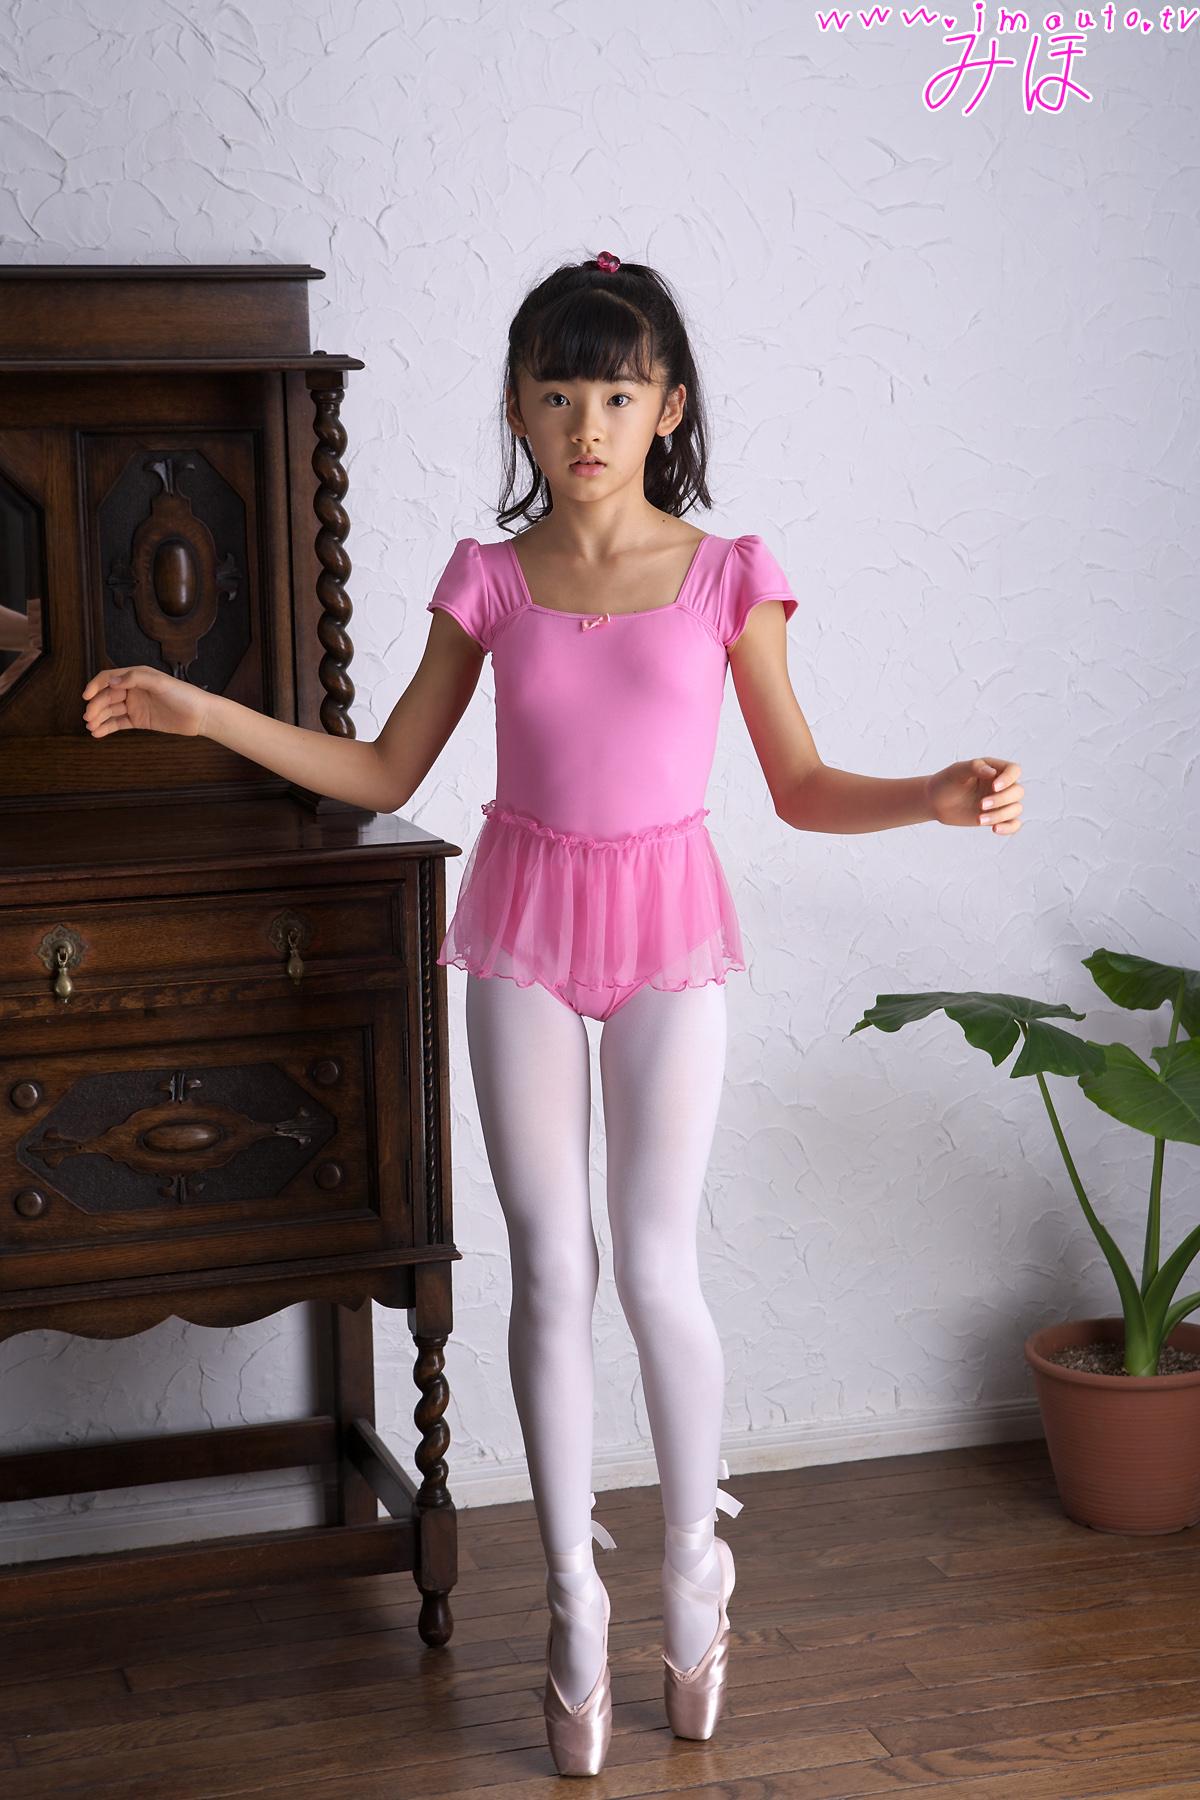 表情 金子美穗芭蕾舞相关图片展示 金子美穗芭蕾舞图片下载 表情